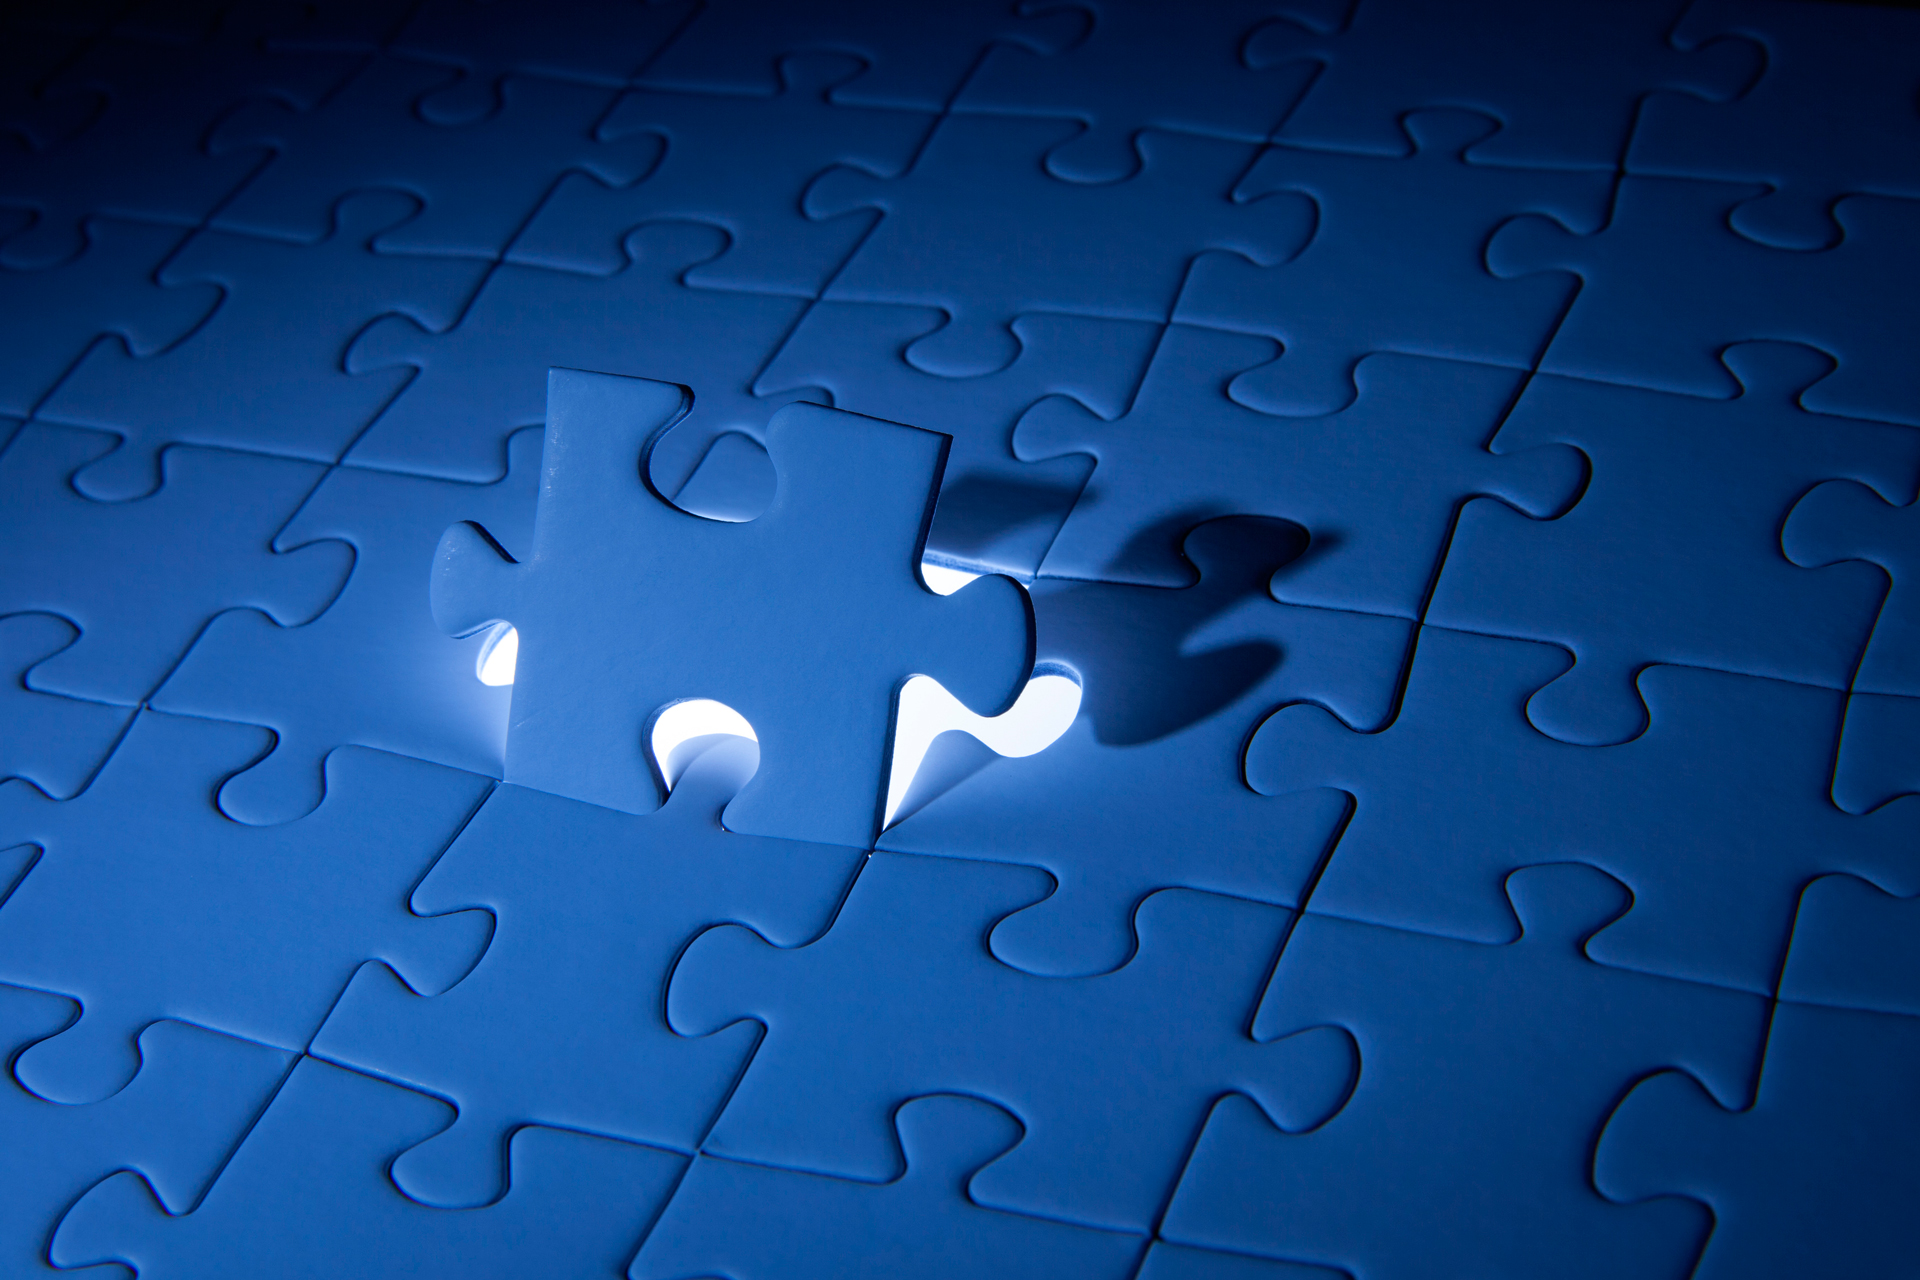 Imagen de puzzle encajando una pieza